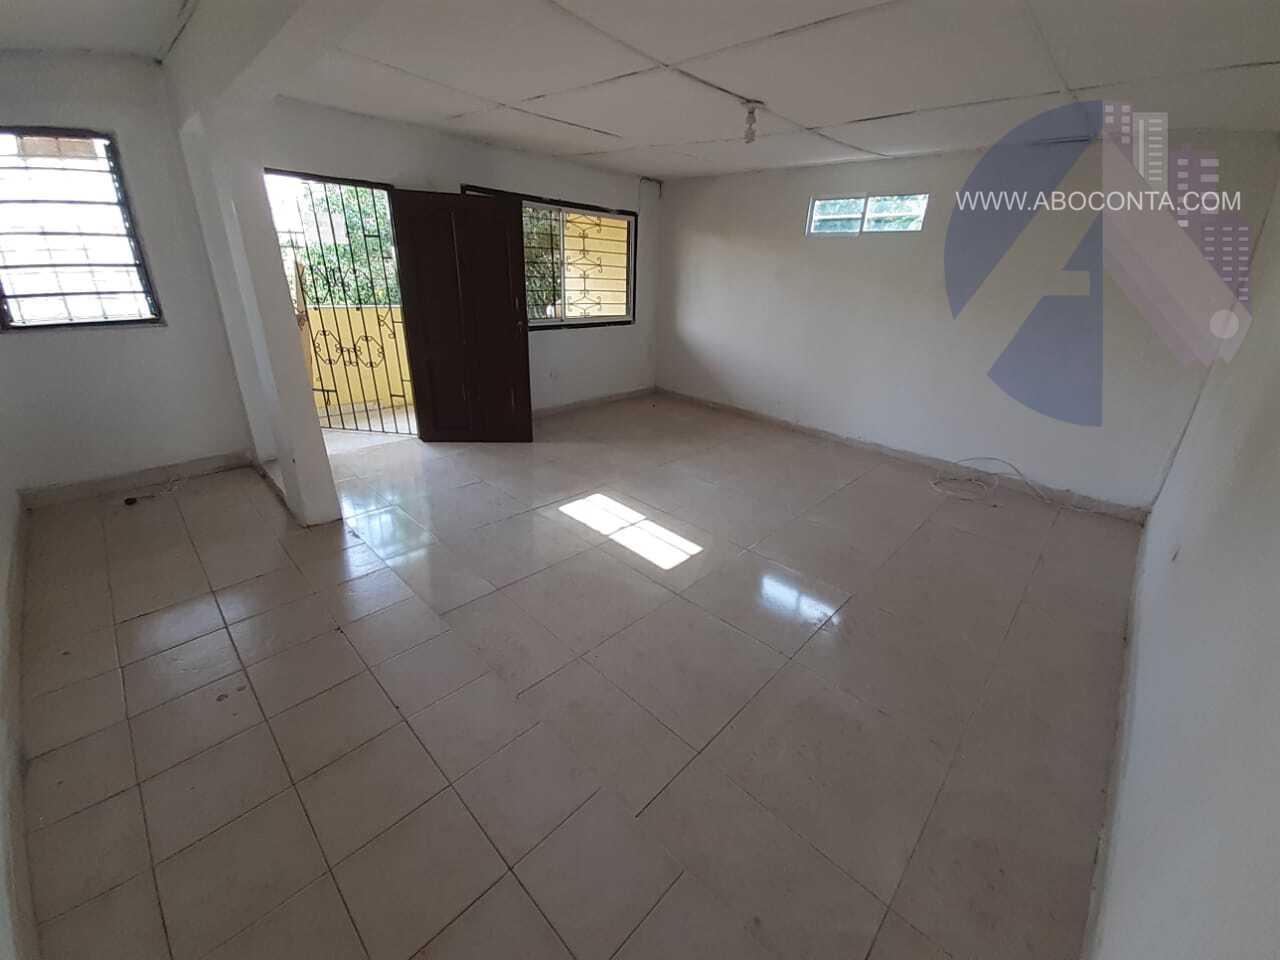 Económico apartamento en barrio Crespo